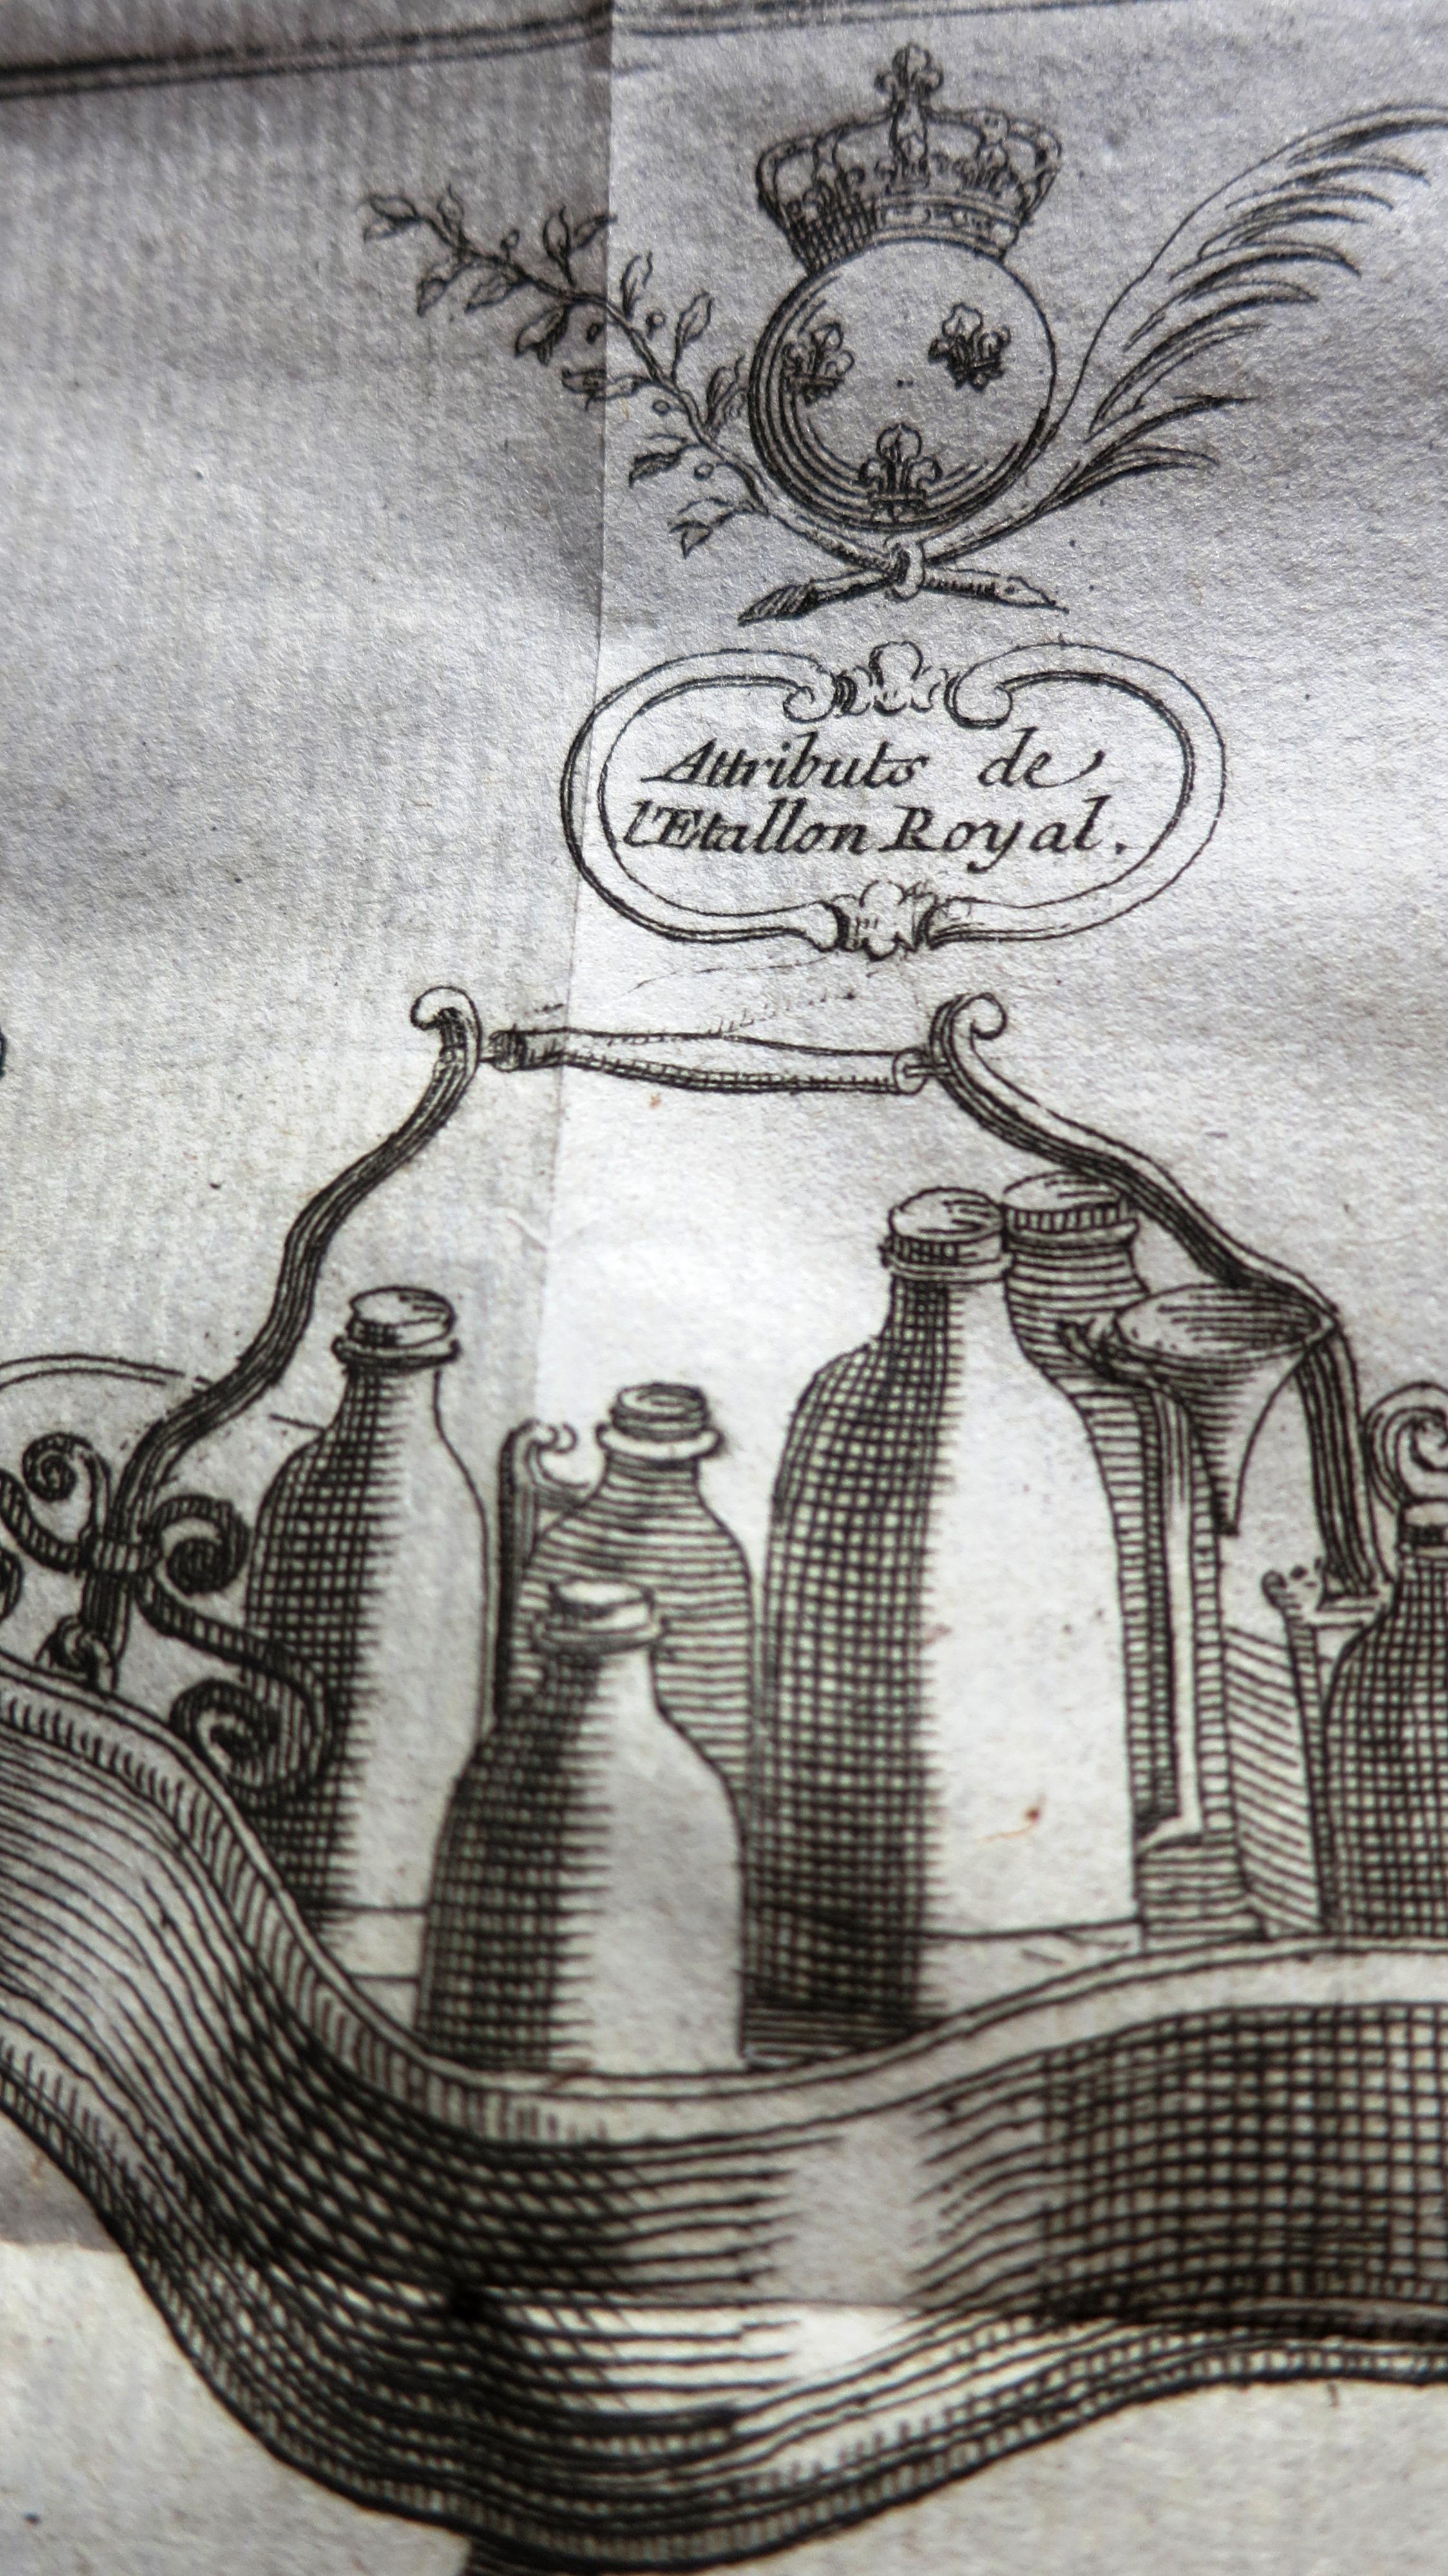 Recueil des statuts des Maîtres chandeliers & des maîtres Huilliers de la ville de Paris